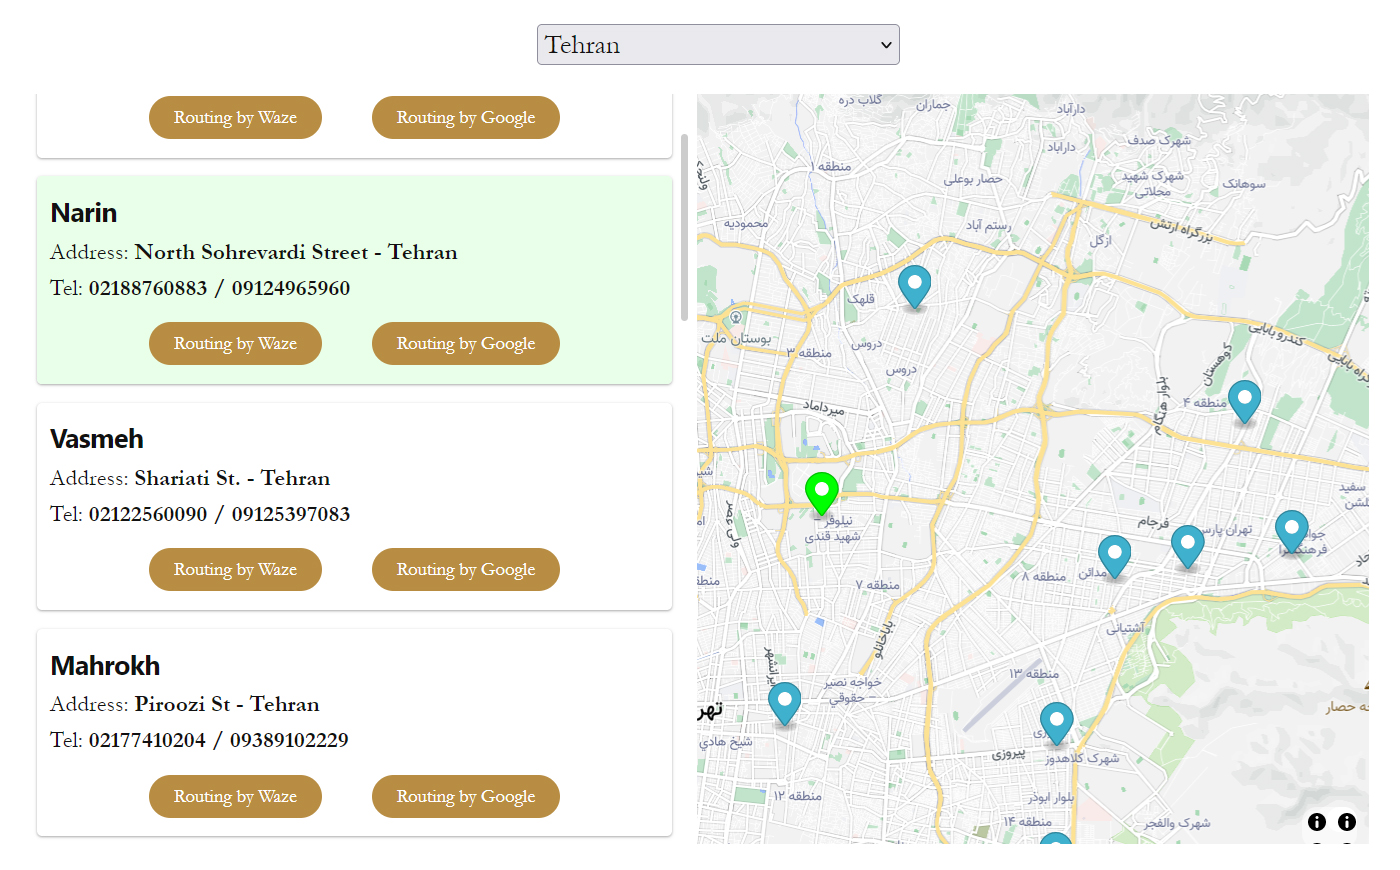 افزونه نمایندگان در ورپرس با قابلیت مسیریابی از طریق گوگل و ویز